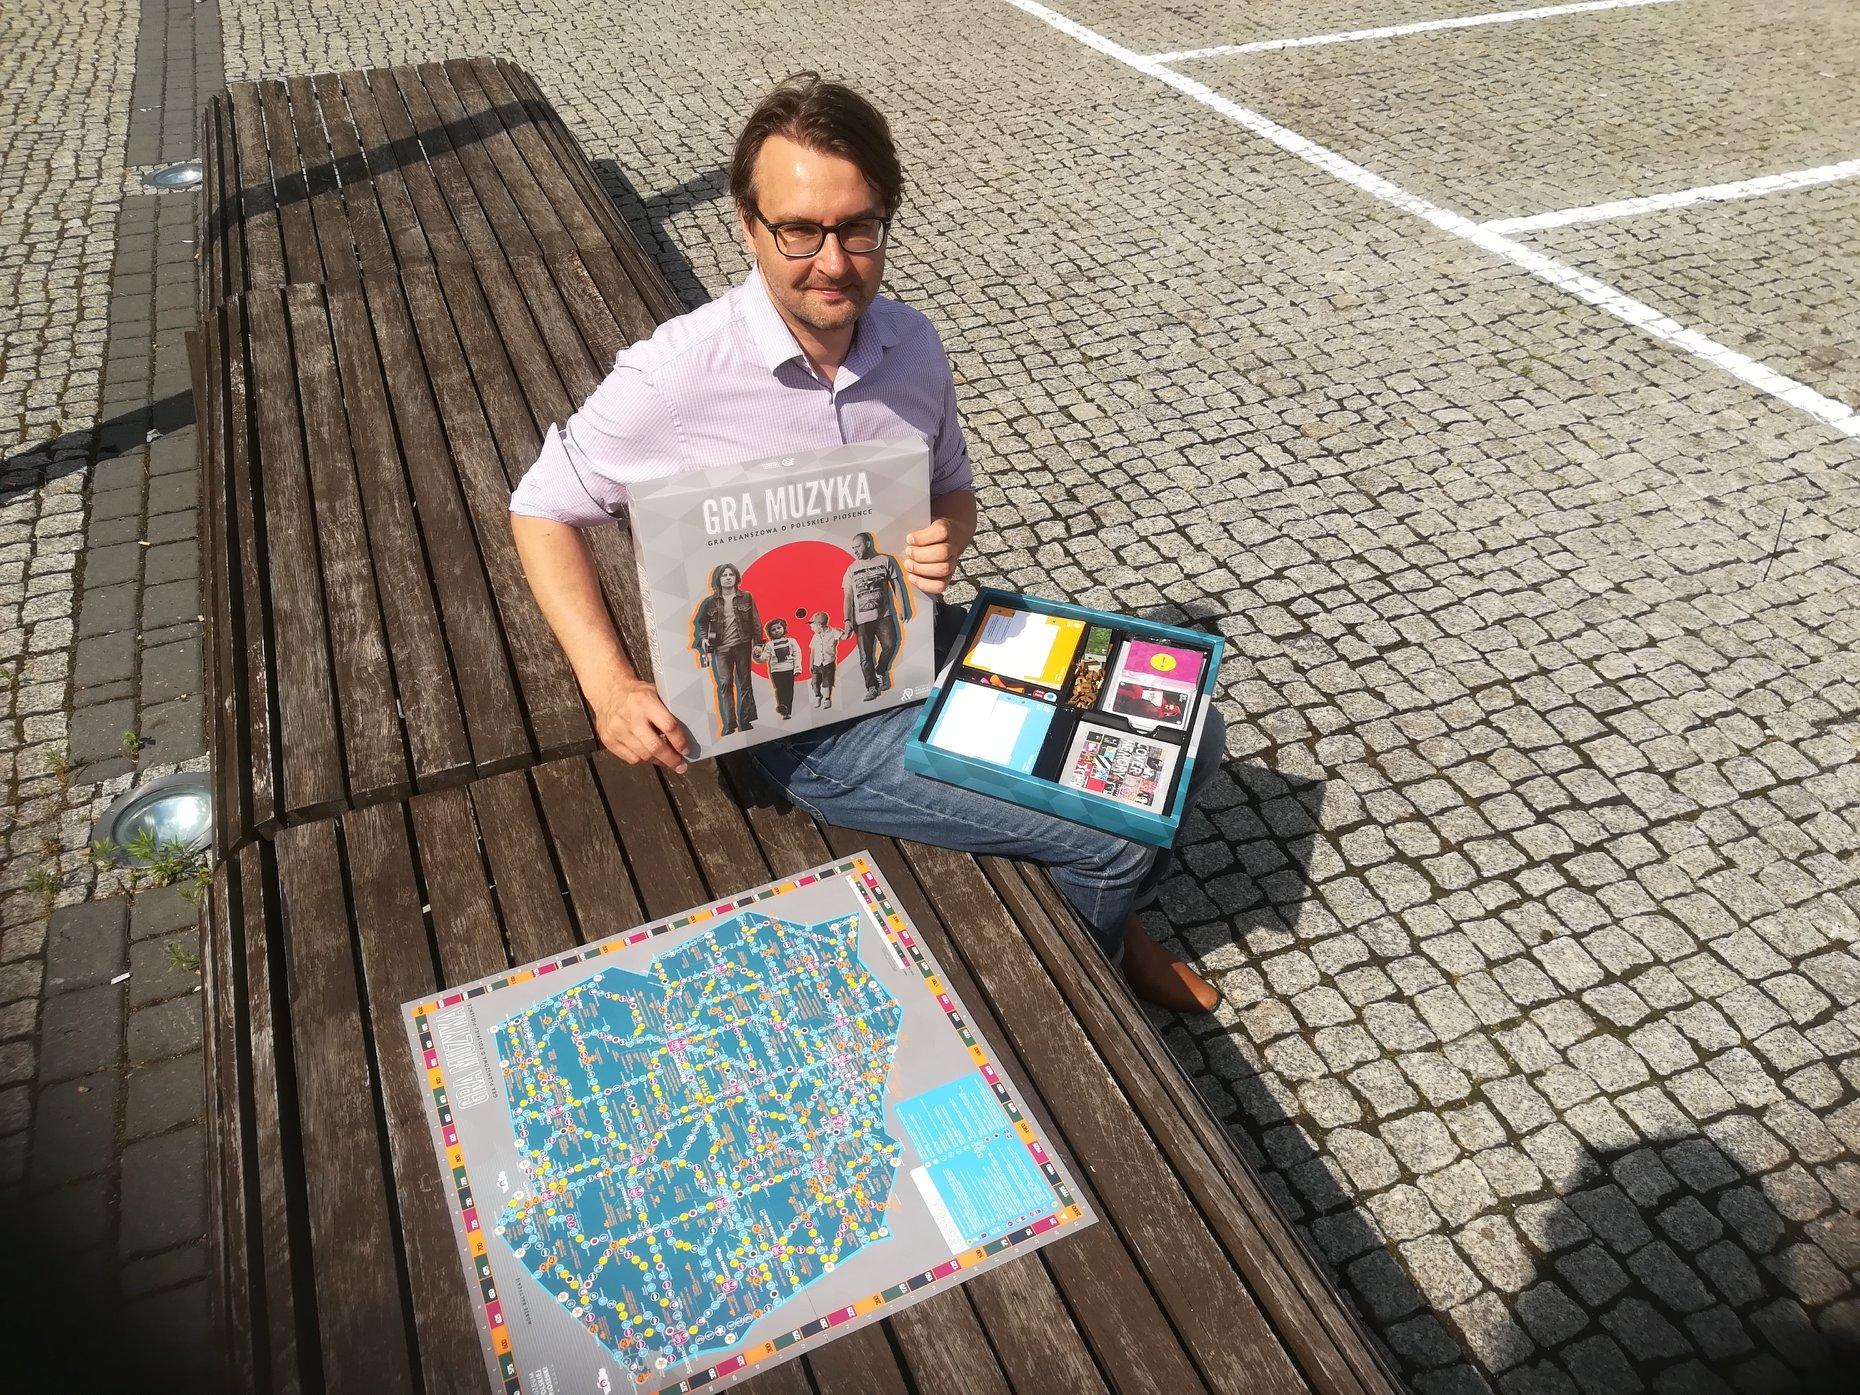 Roman Szczepanek z muzeum Polskiej Piosenki prezentuje grę 'Gra muzyka' [fot. Katarzyna Zawadzka]